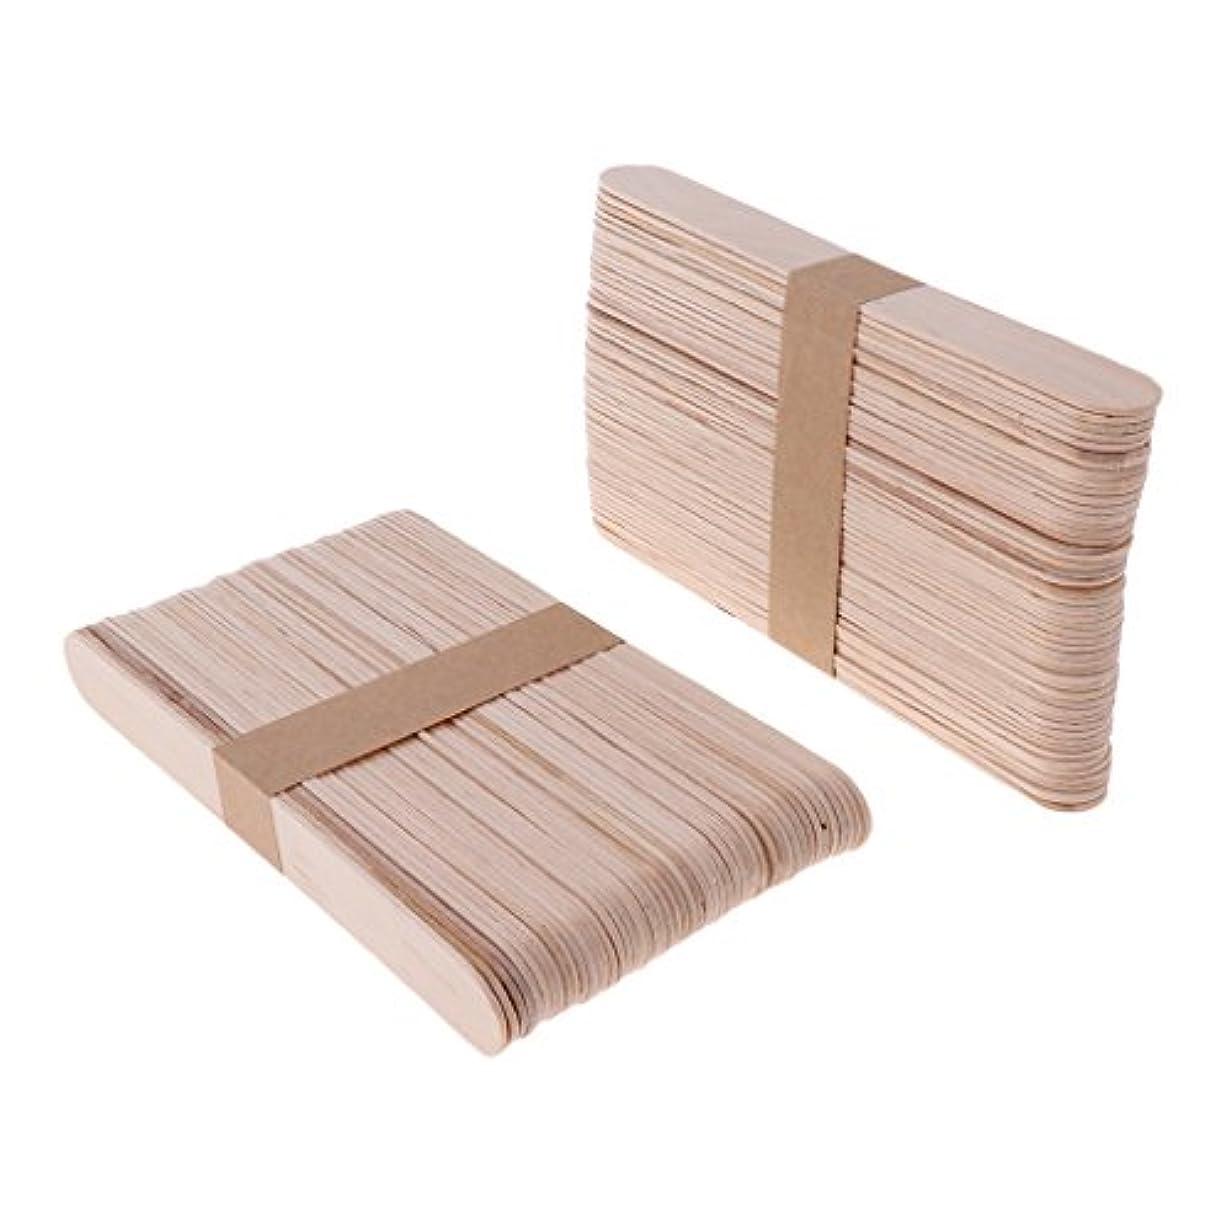 壊れた力学低下木材スティック 脱毛 ワックス用 体毛除去 ウッド ワックススパチュラ 便利 200個 2サイズ - L